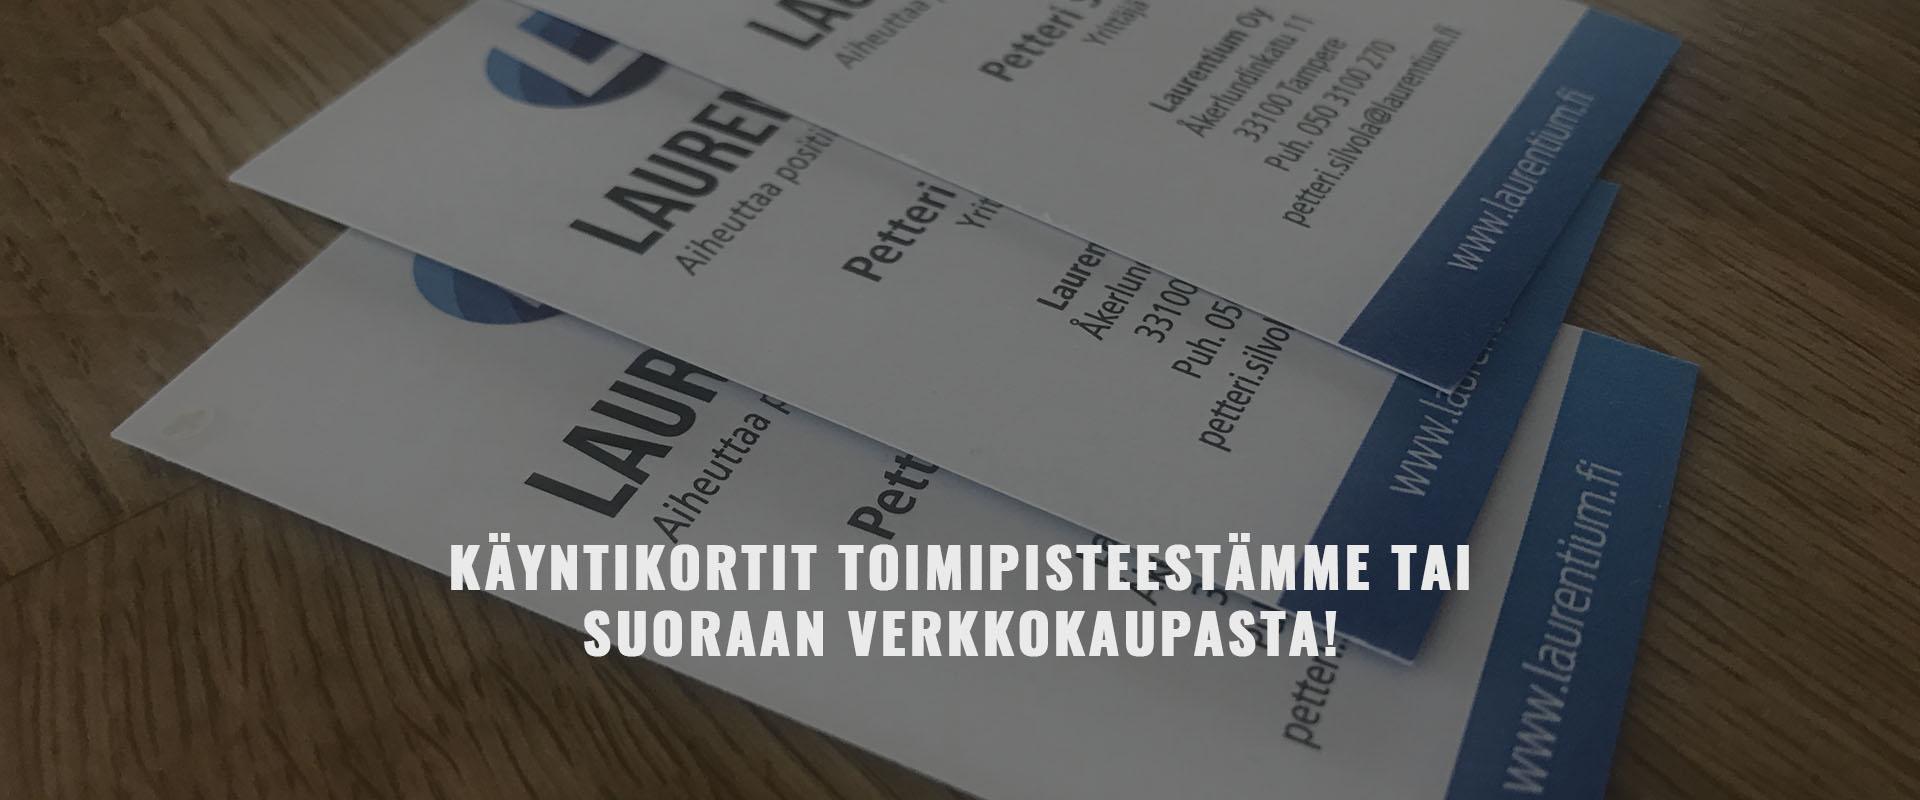 Käyntikortit Tampereen toimipisteestä tai verkkokaupasta |Toiprint Oy